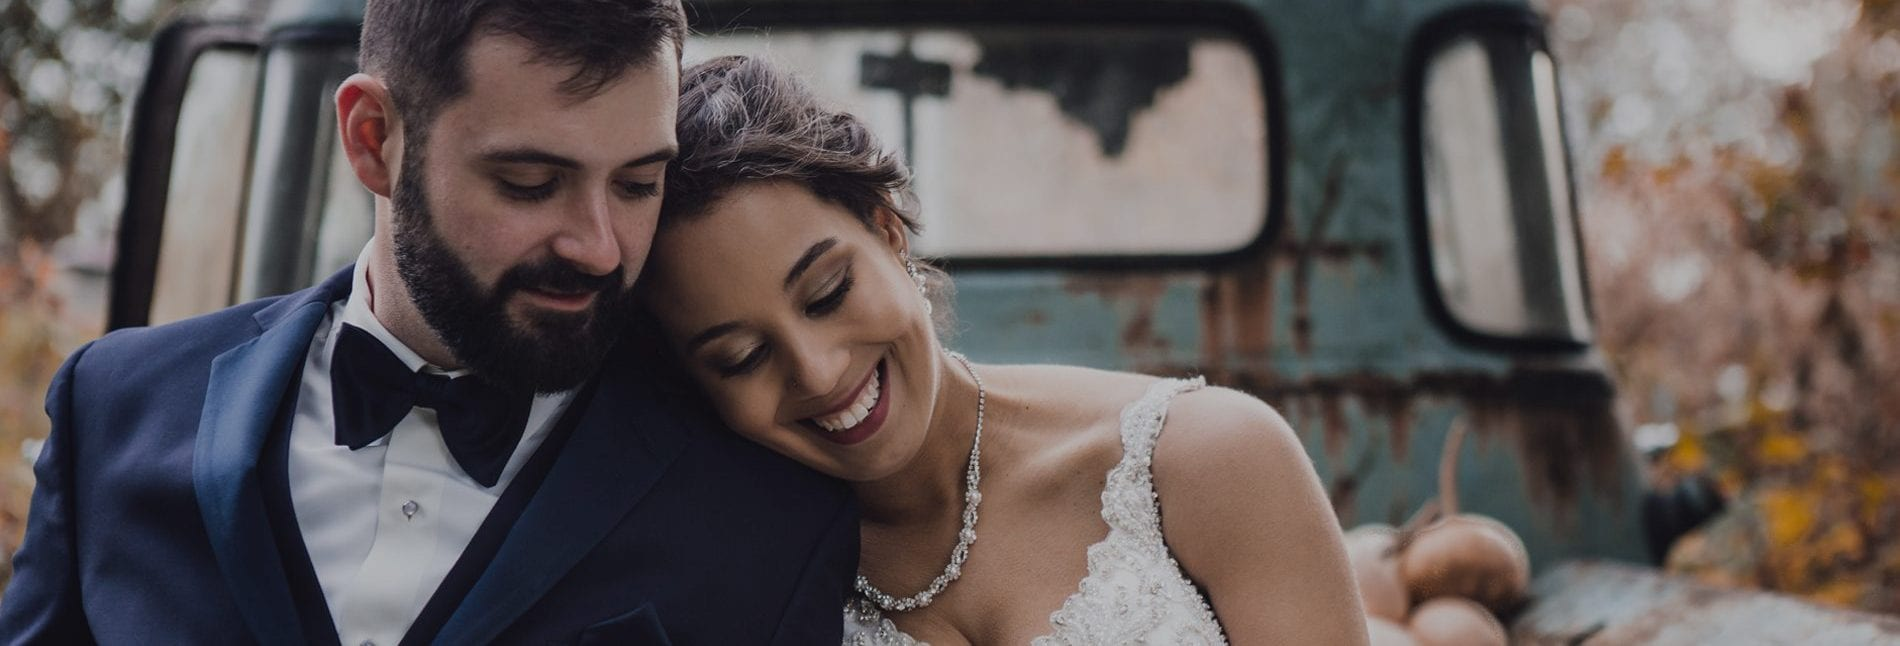 Esküvőszervezés | to do lista | ellenőrzött esküvő szolgáltatók | kedvezmények | Igenhazasodunk